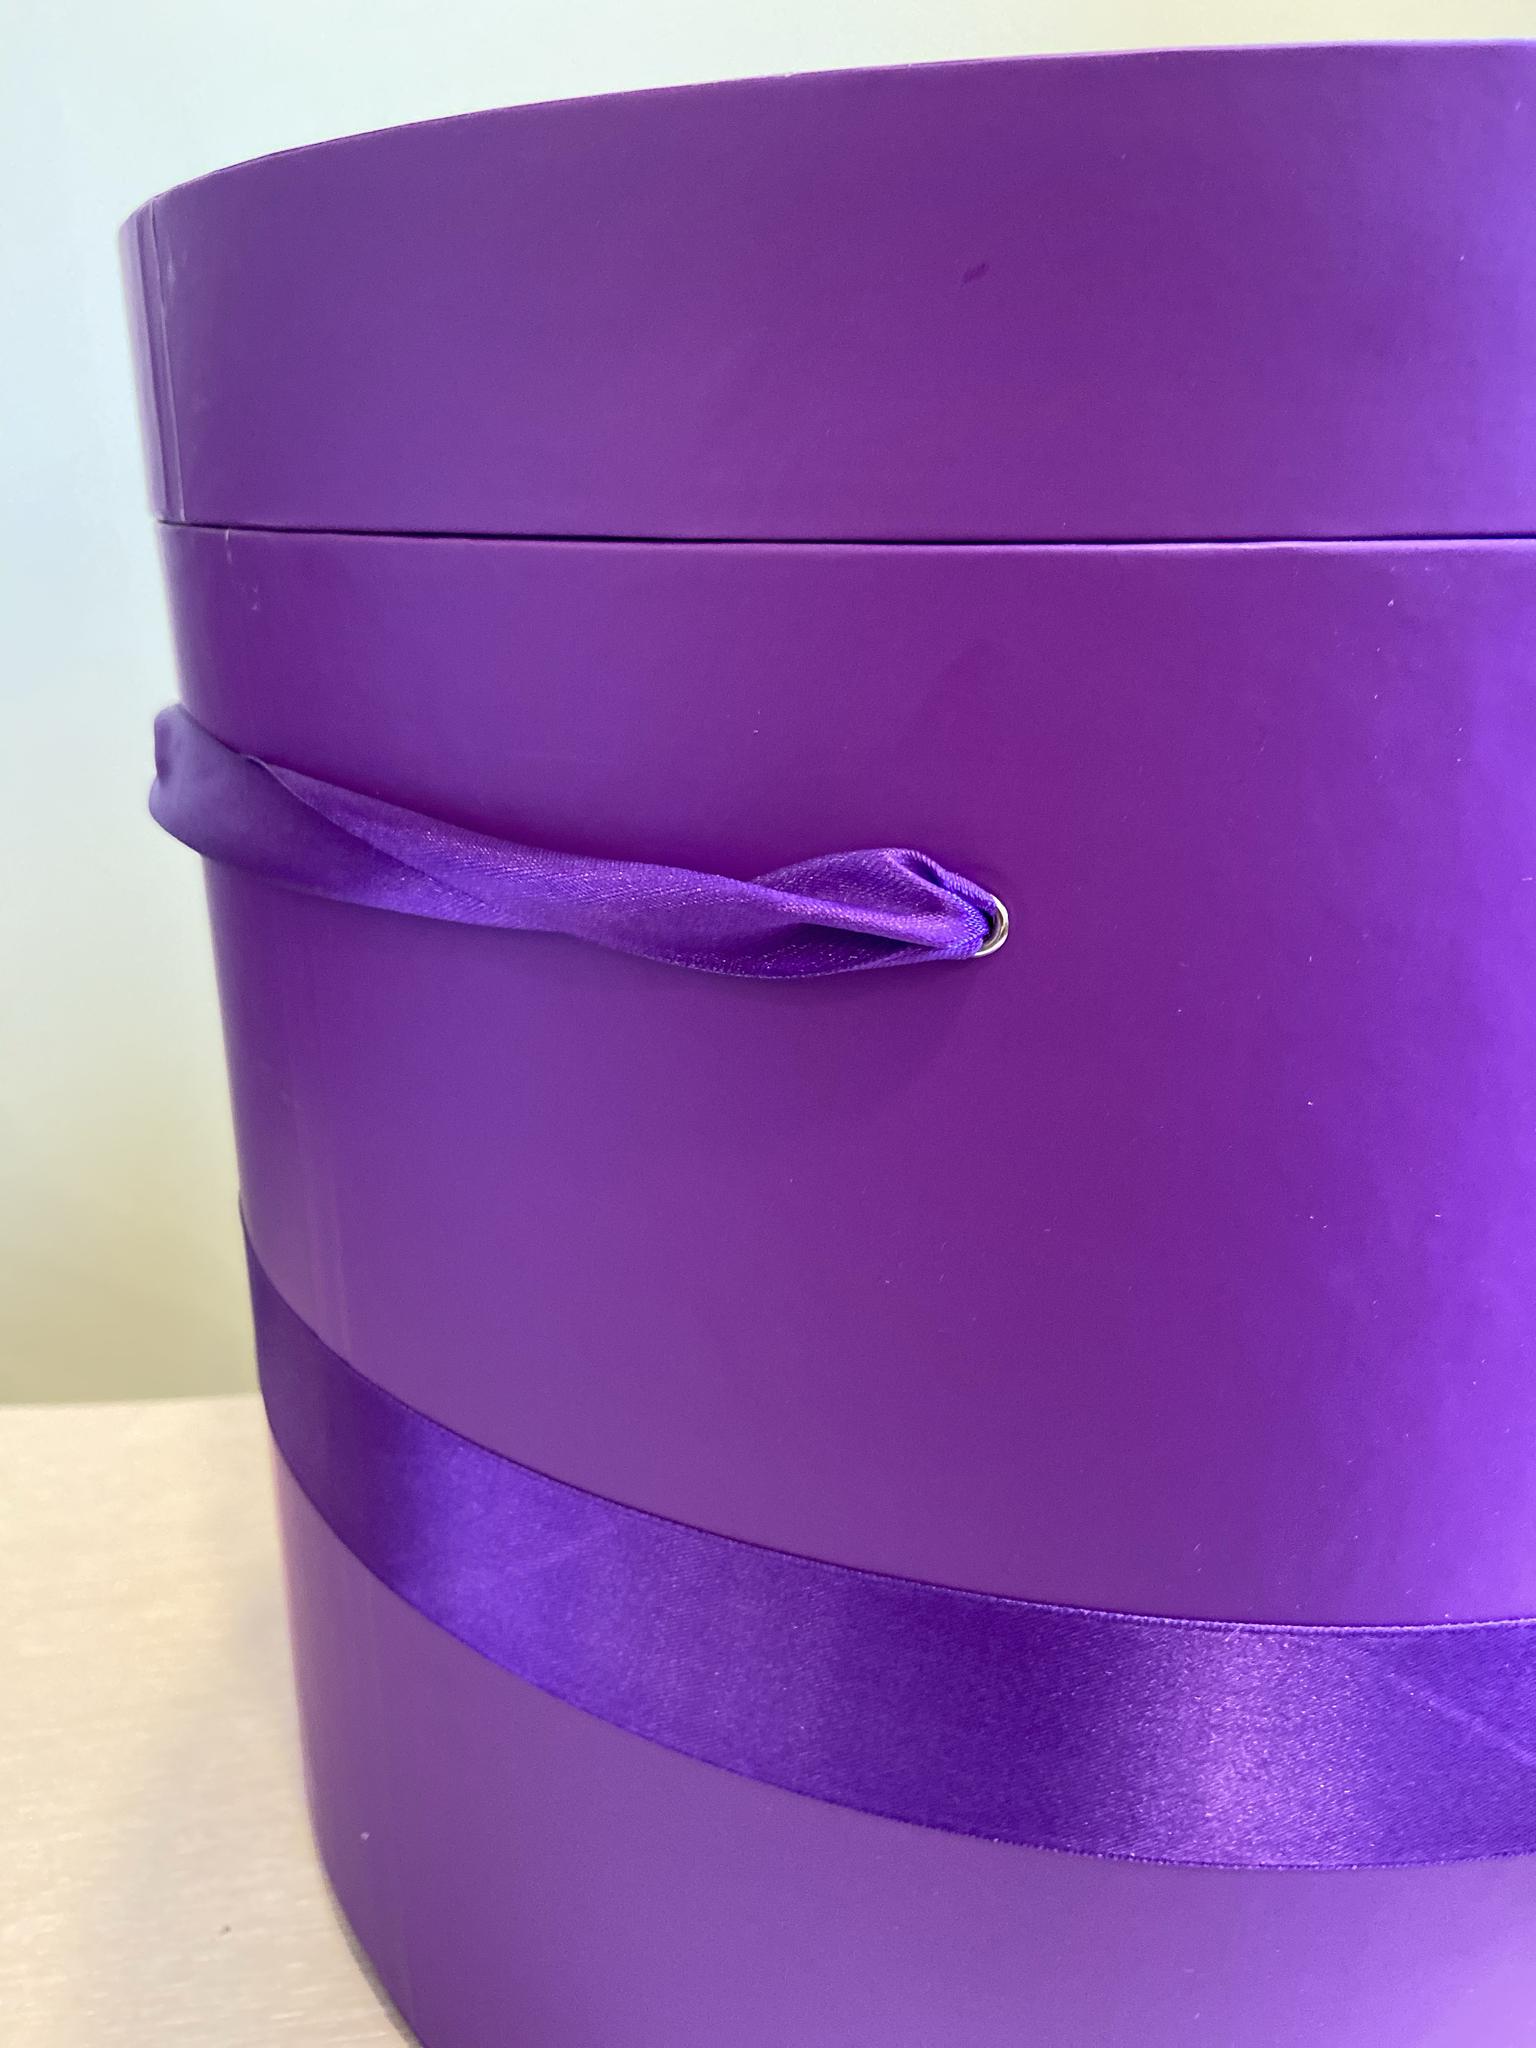 Шляпная коробка 40 см Цвет: Фиолетовый   . Розница 950 рублей .